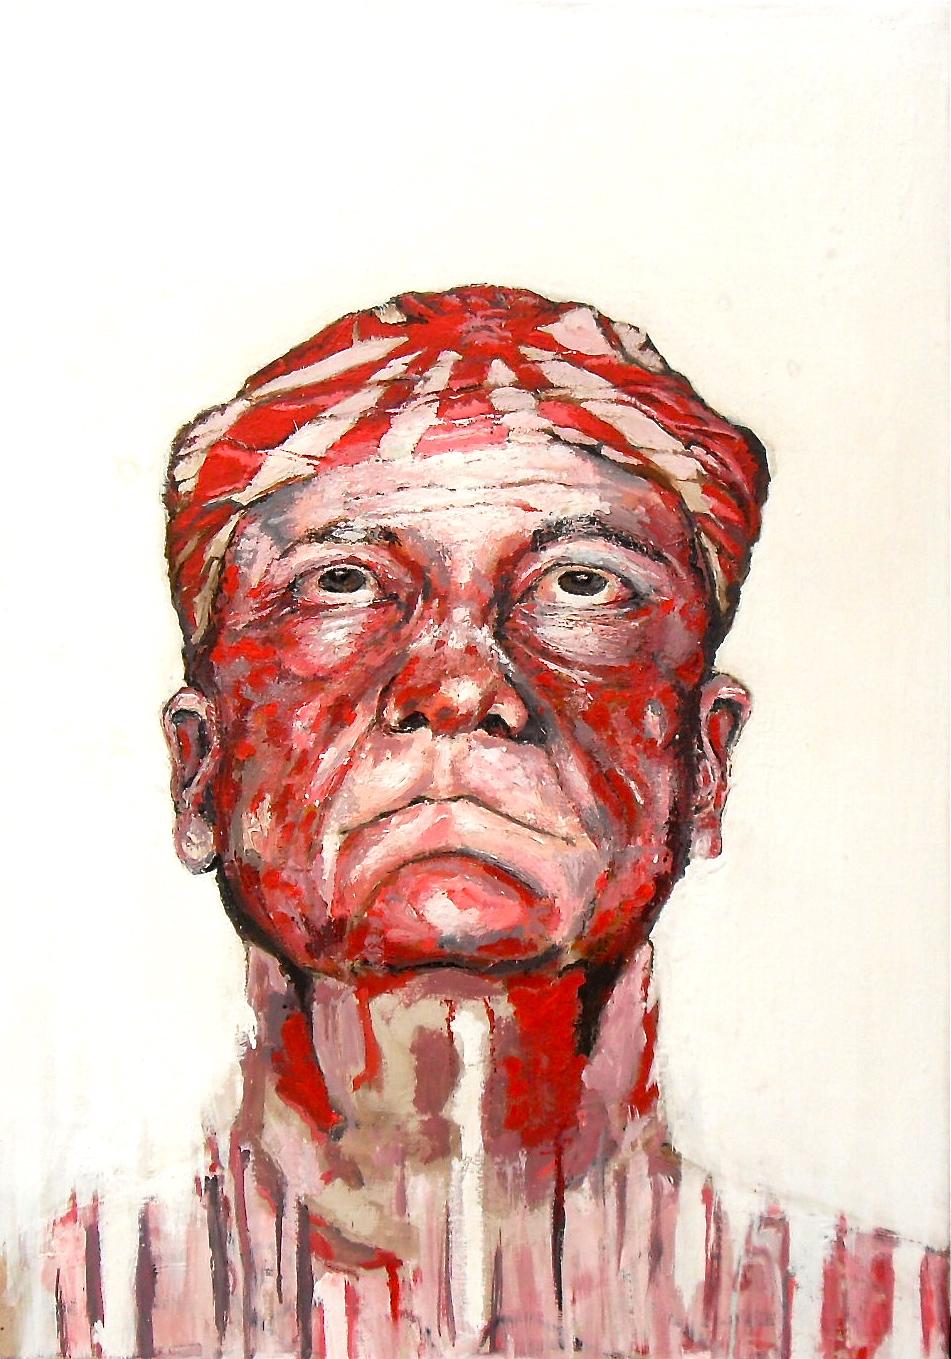 Peinture acrylique. Portrait d'un vieil homme en kamikaze, avec foulard du soleil levant sur la tête, par Stanmac, 2017.